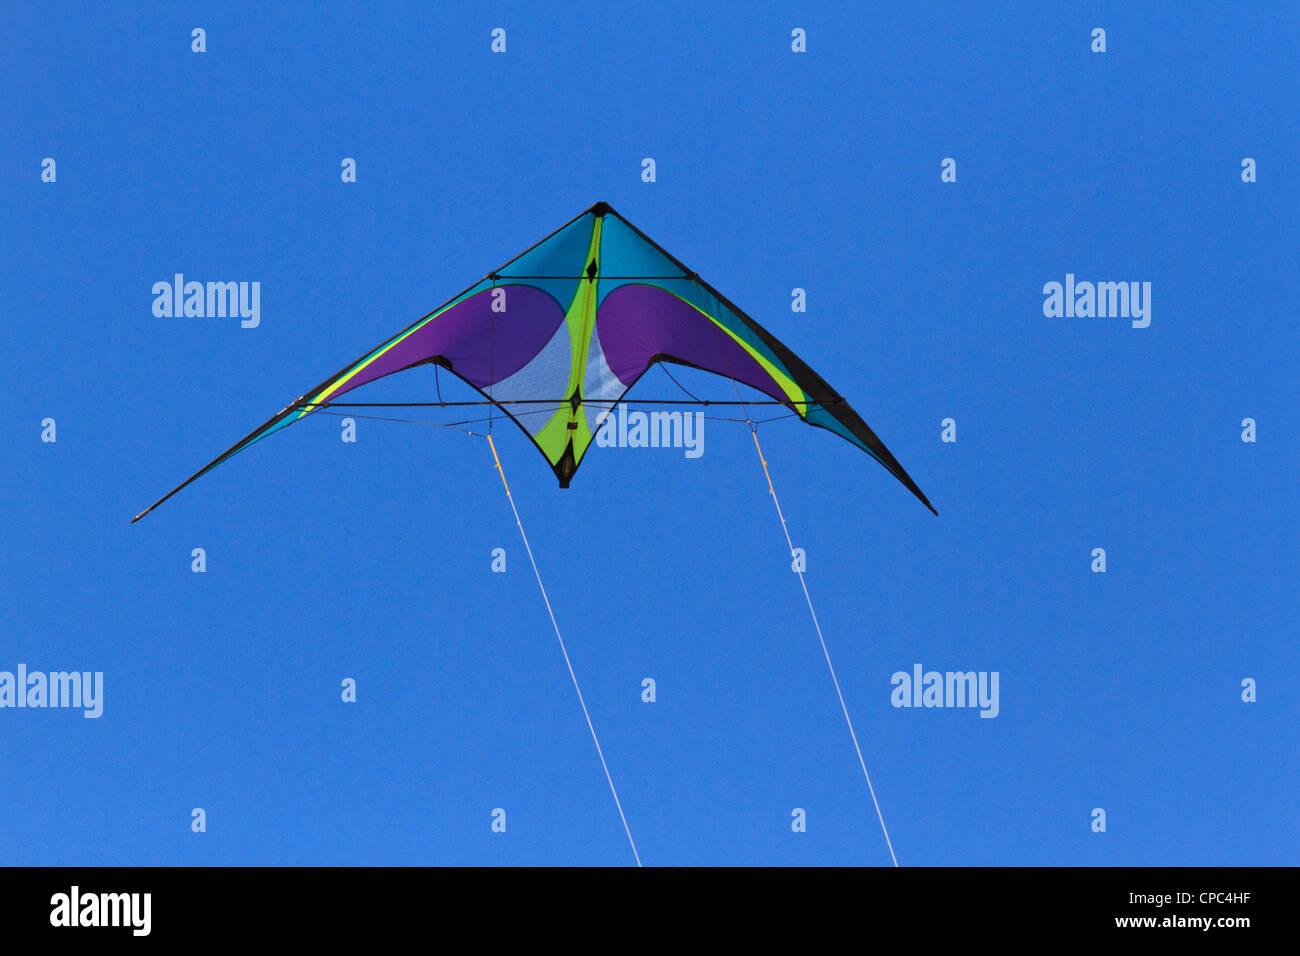 Cerf-volant contre un clair, bleu, ciel sans nuages. Photo Stock